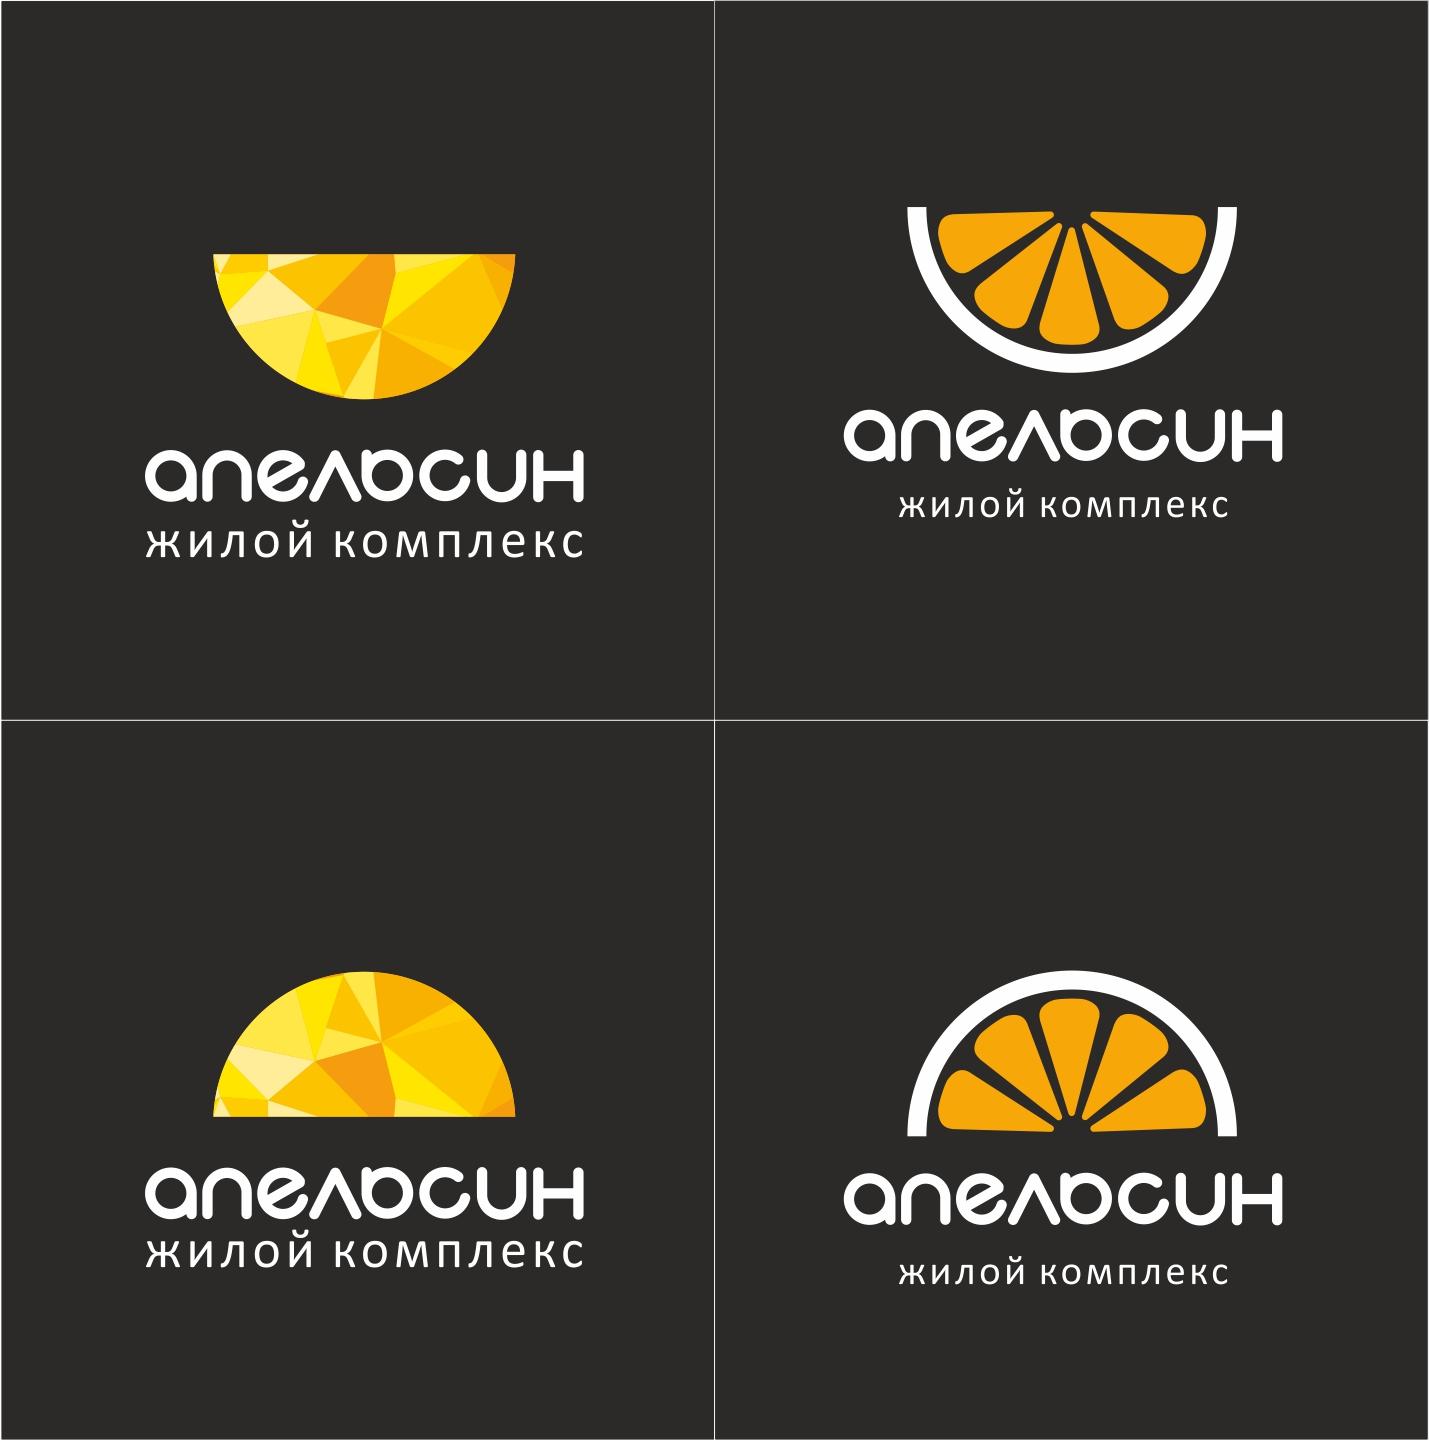 Логотип и фирменный стиль фото f_1565a719b3c21b7a.jpg